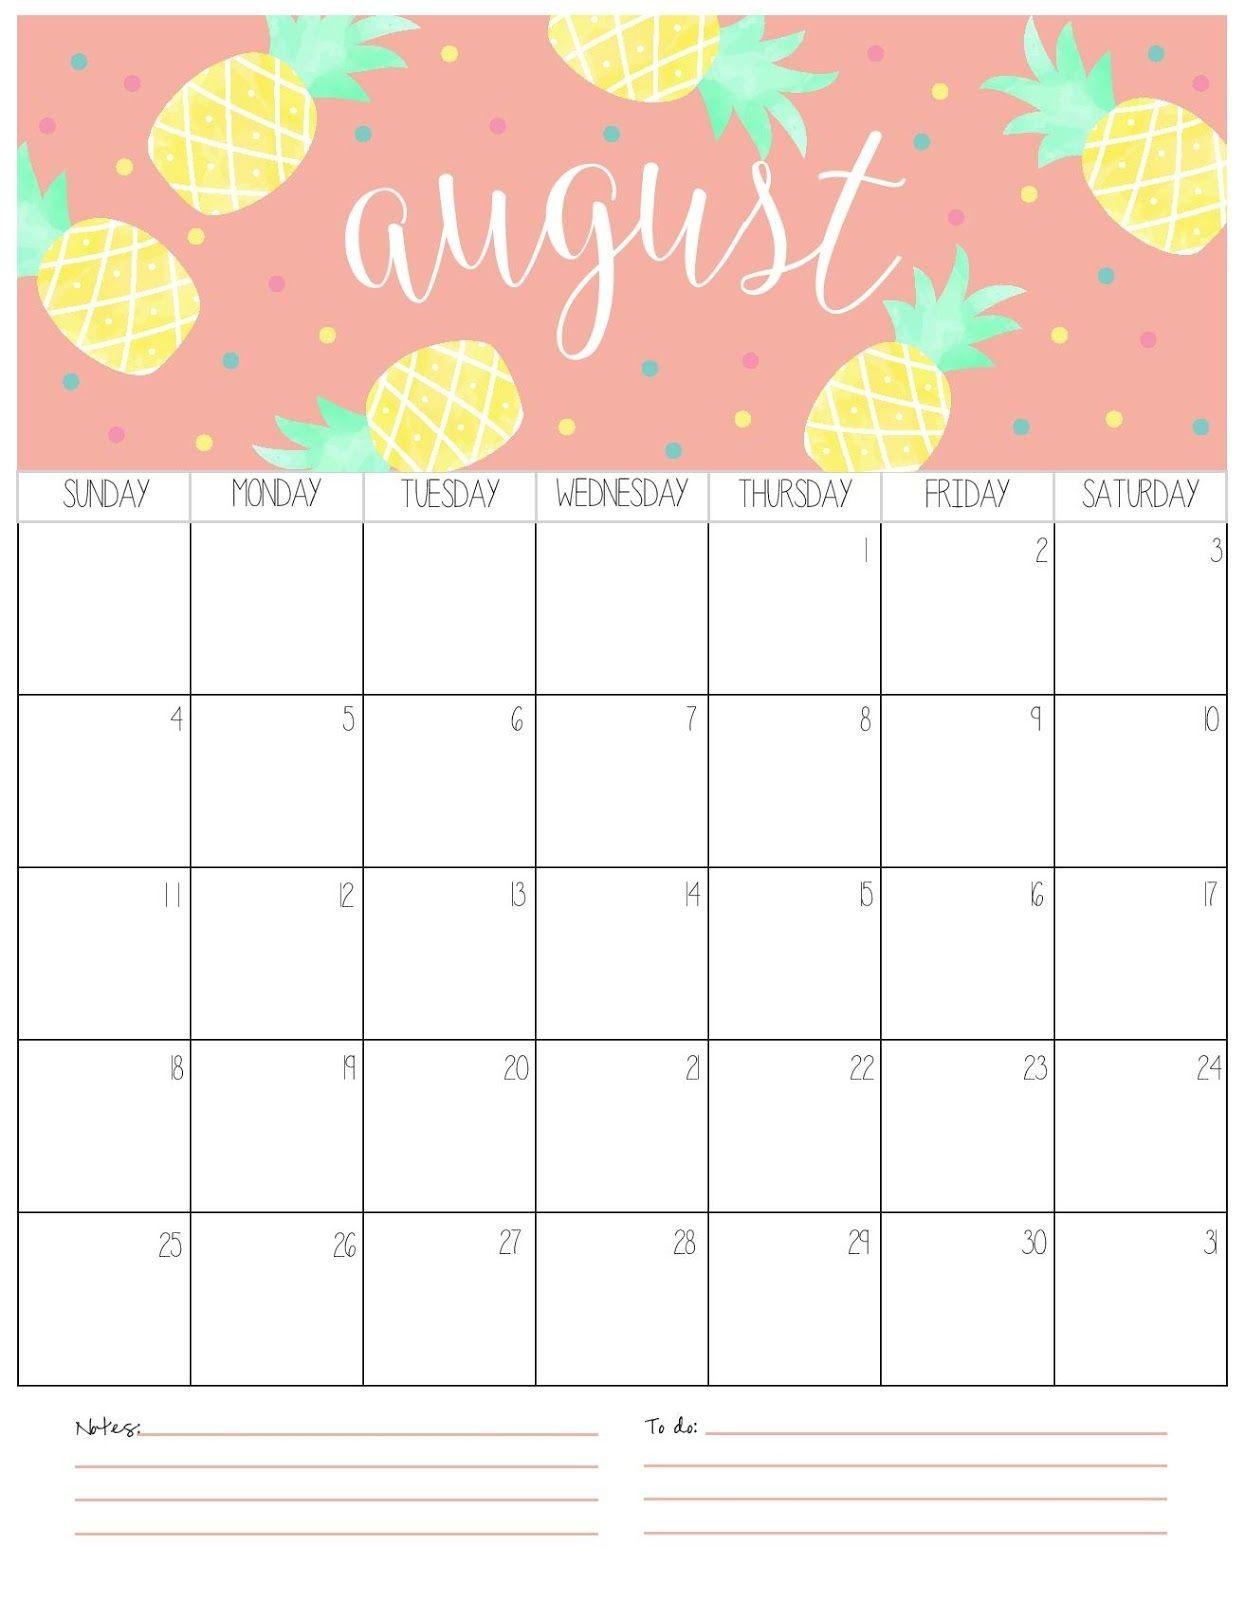 Kalender Monat Mai 2019 Kalender 2019 Zum Ausdrucken Für Kinder Calenders